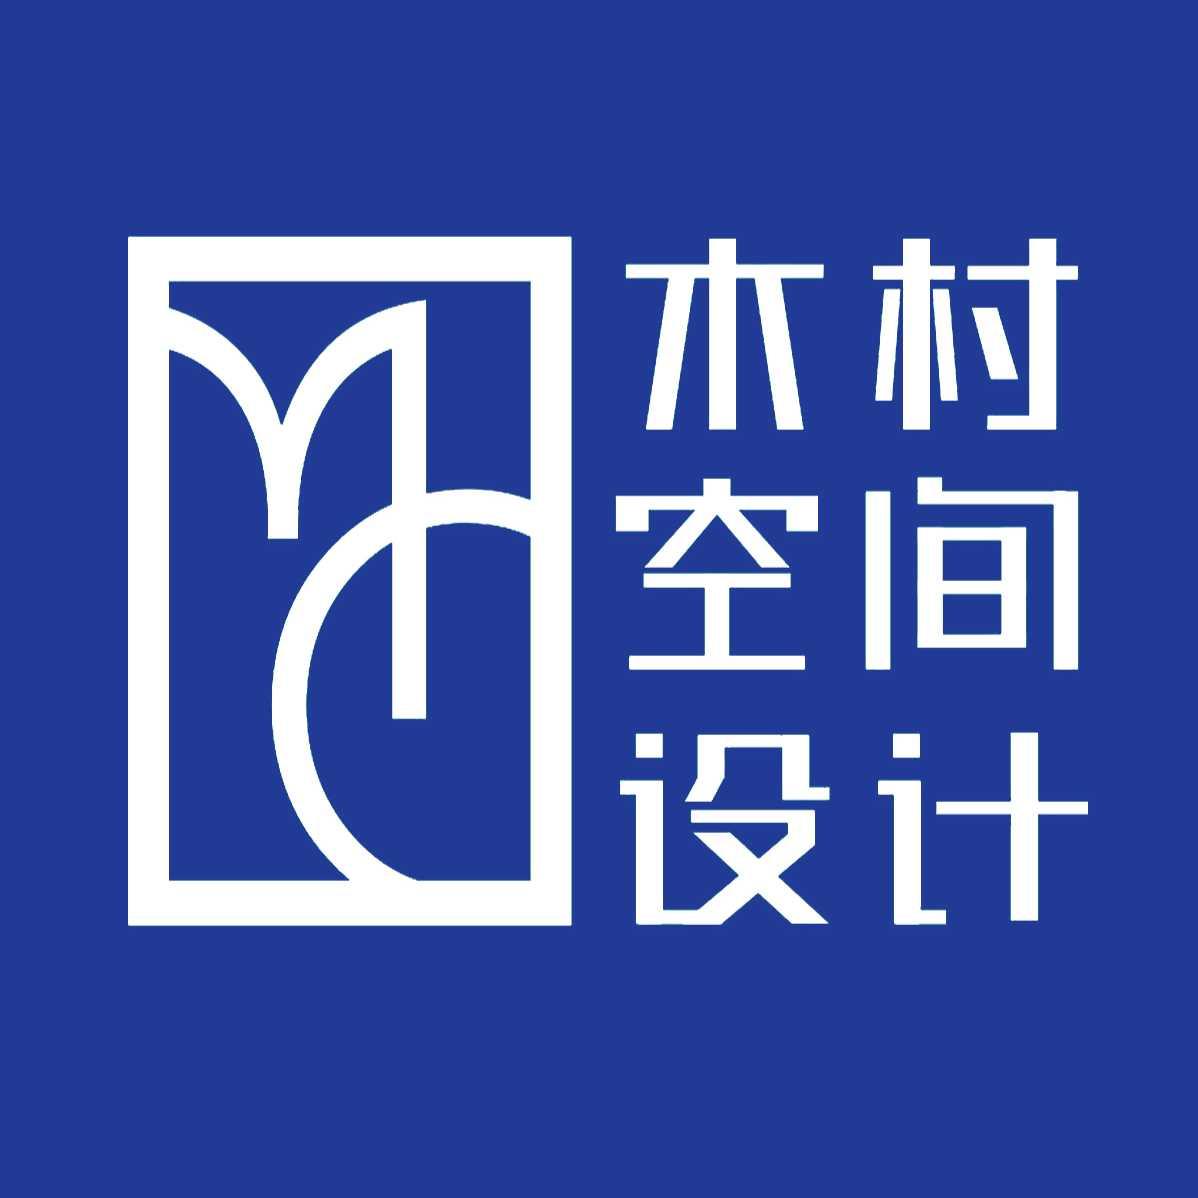 江苏木村空间